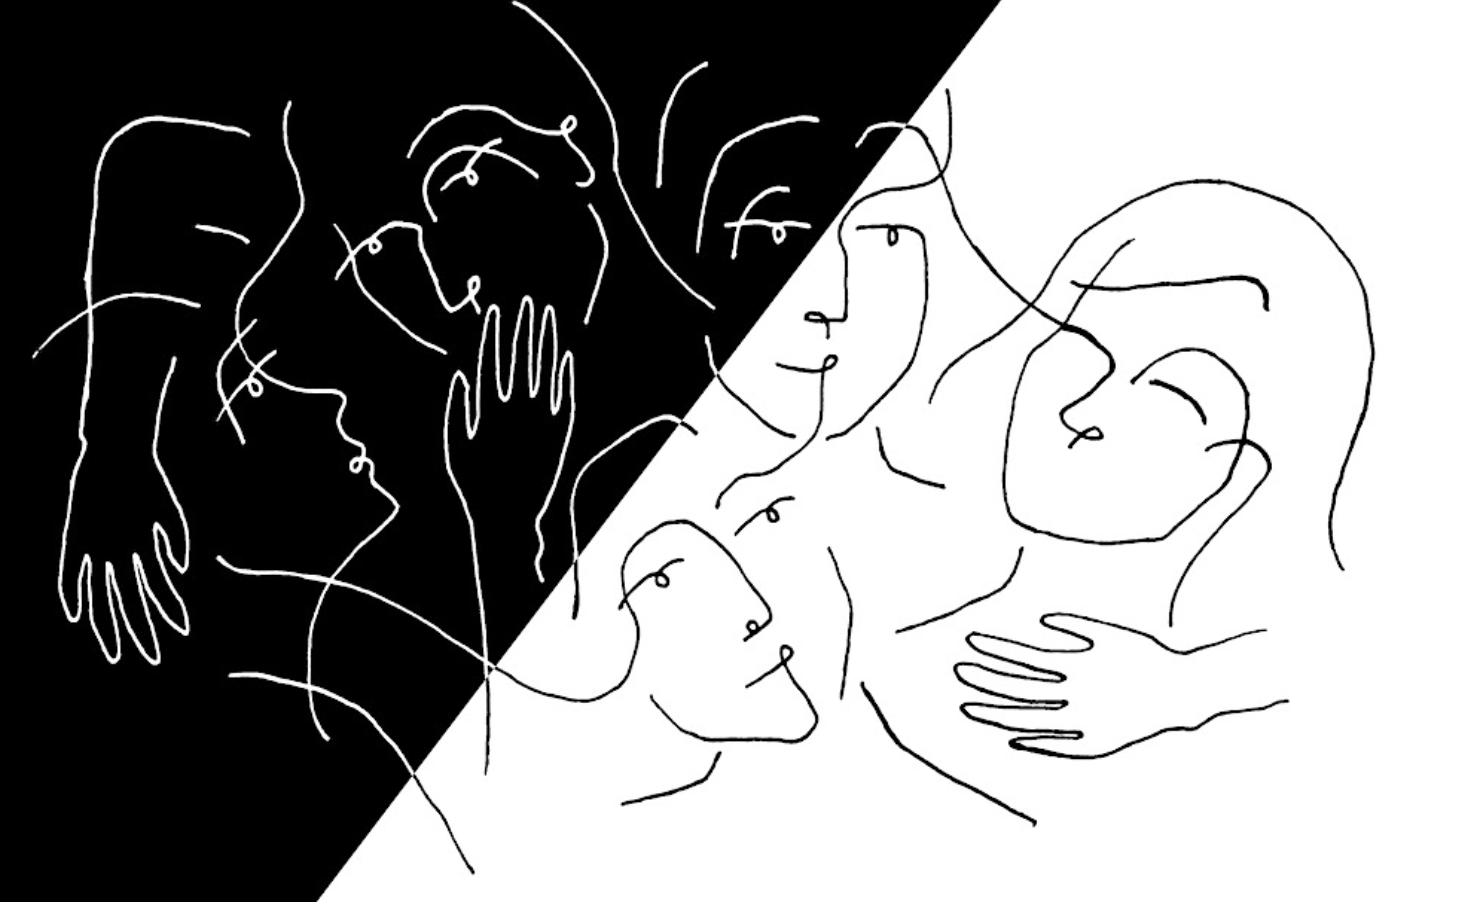 Illustrator: Helen Yang